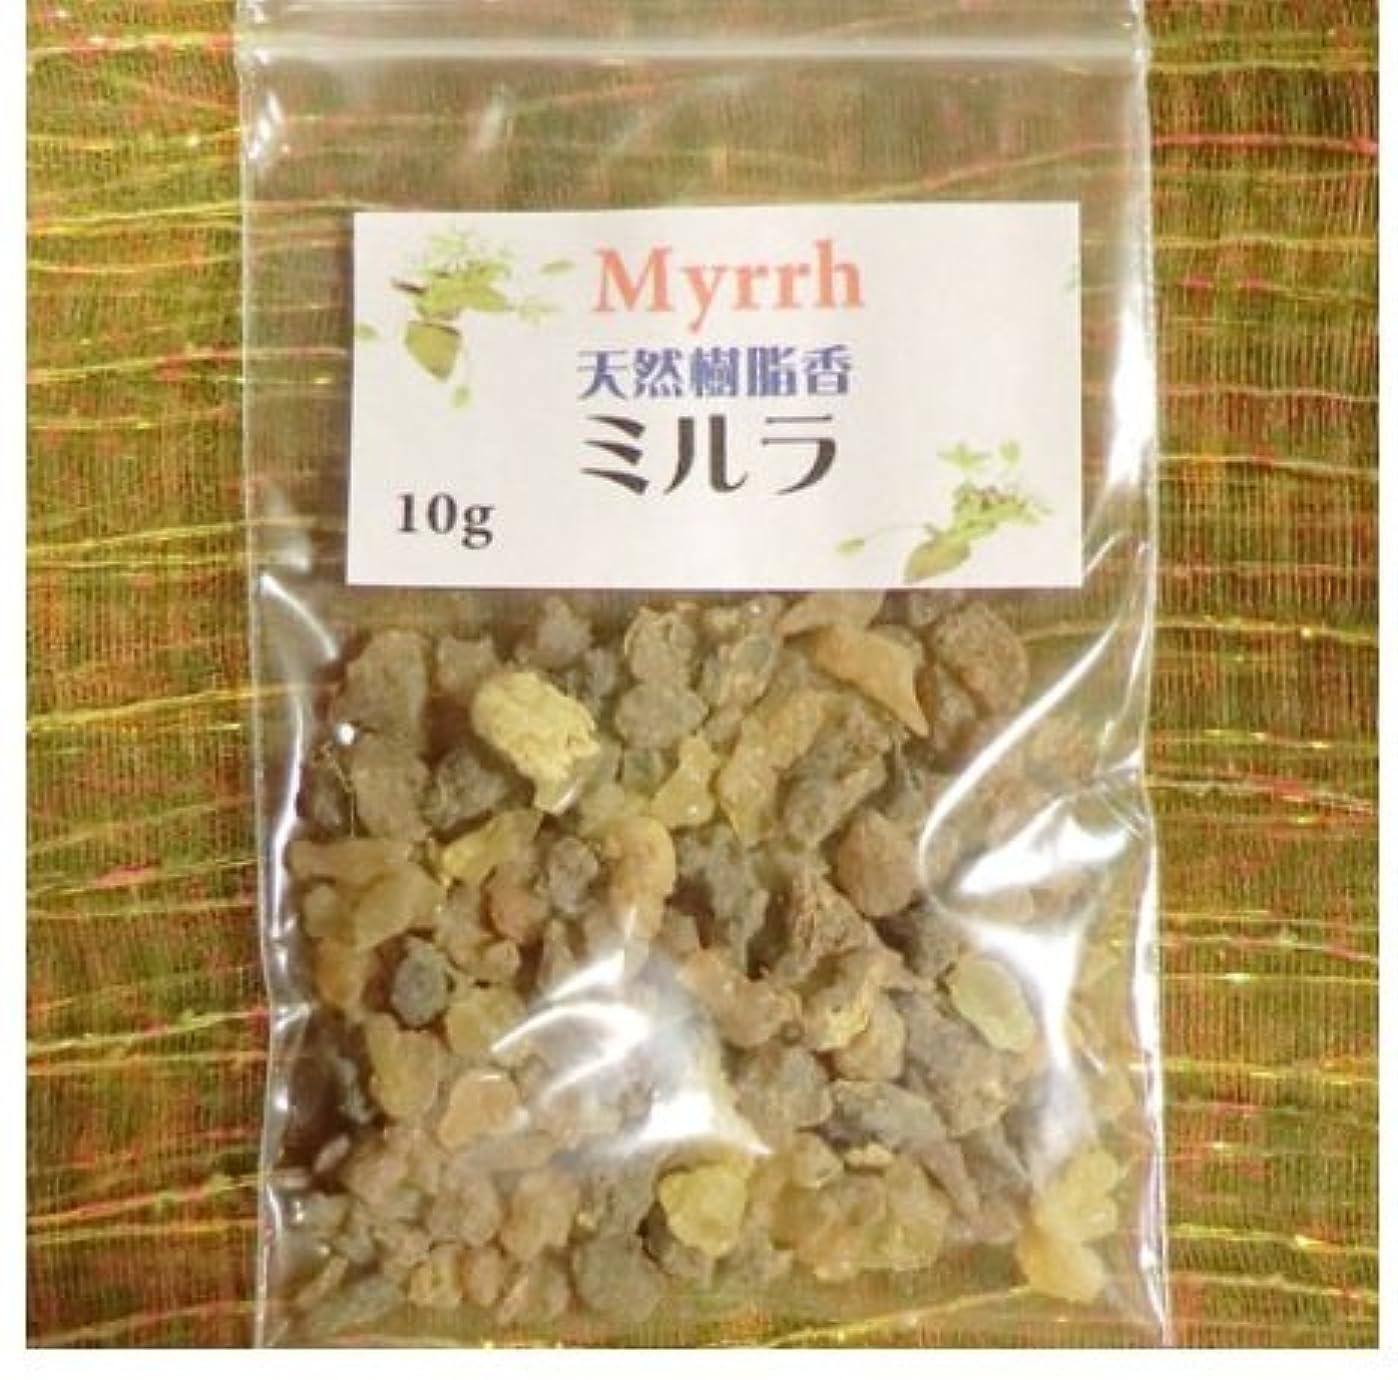 戦艦黙認するムスミルラ Myrrh (没薬) 天然樹脂香 10g (ミルラ)